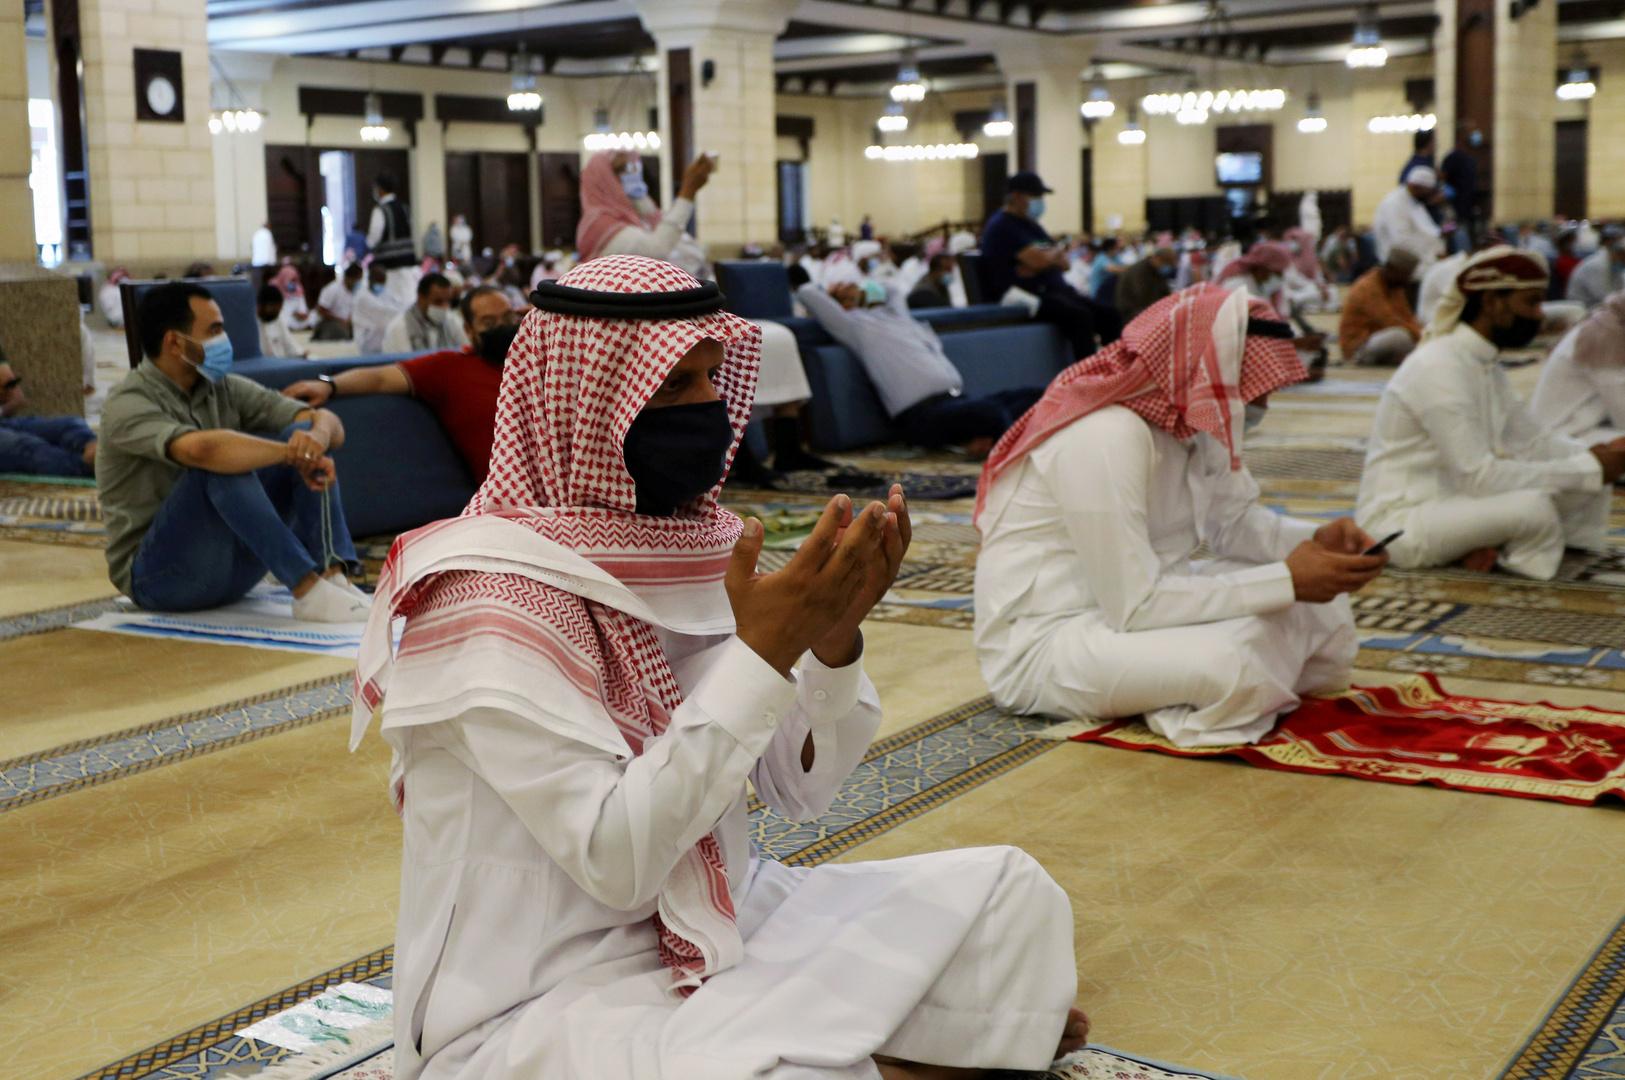 كورونا في السعودية.. الإصابات اليومية تعاود الانخفاض وحصيلة المتعافين تتخطى الـ250 ألفا